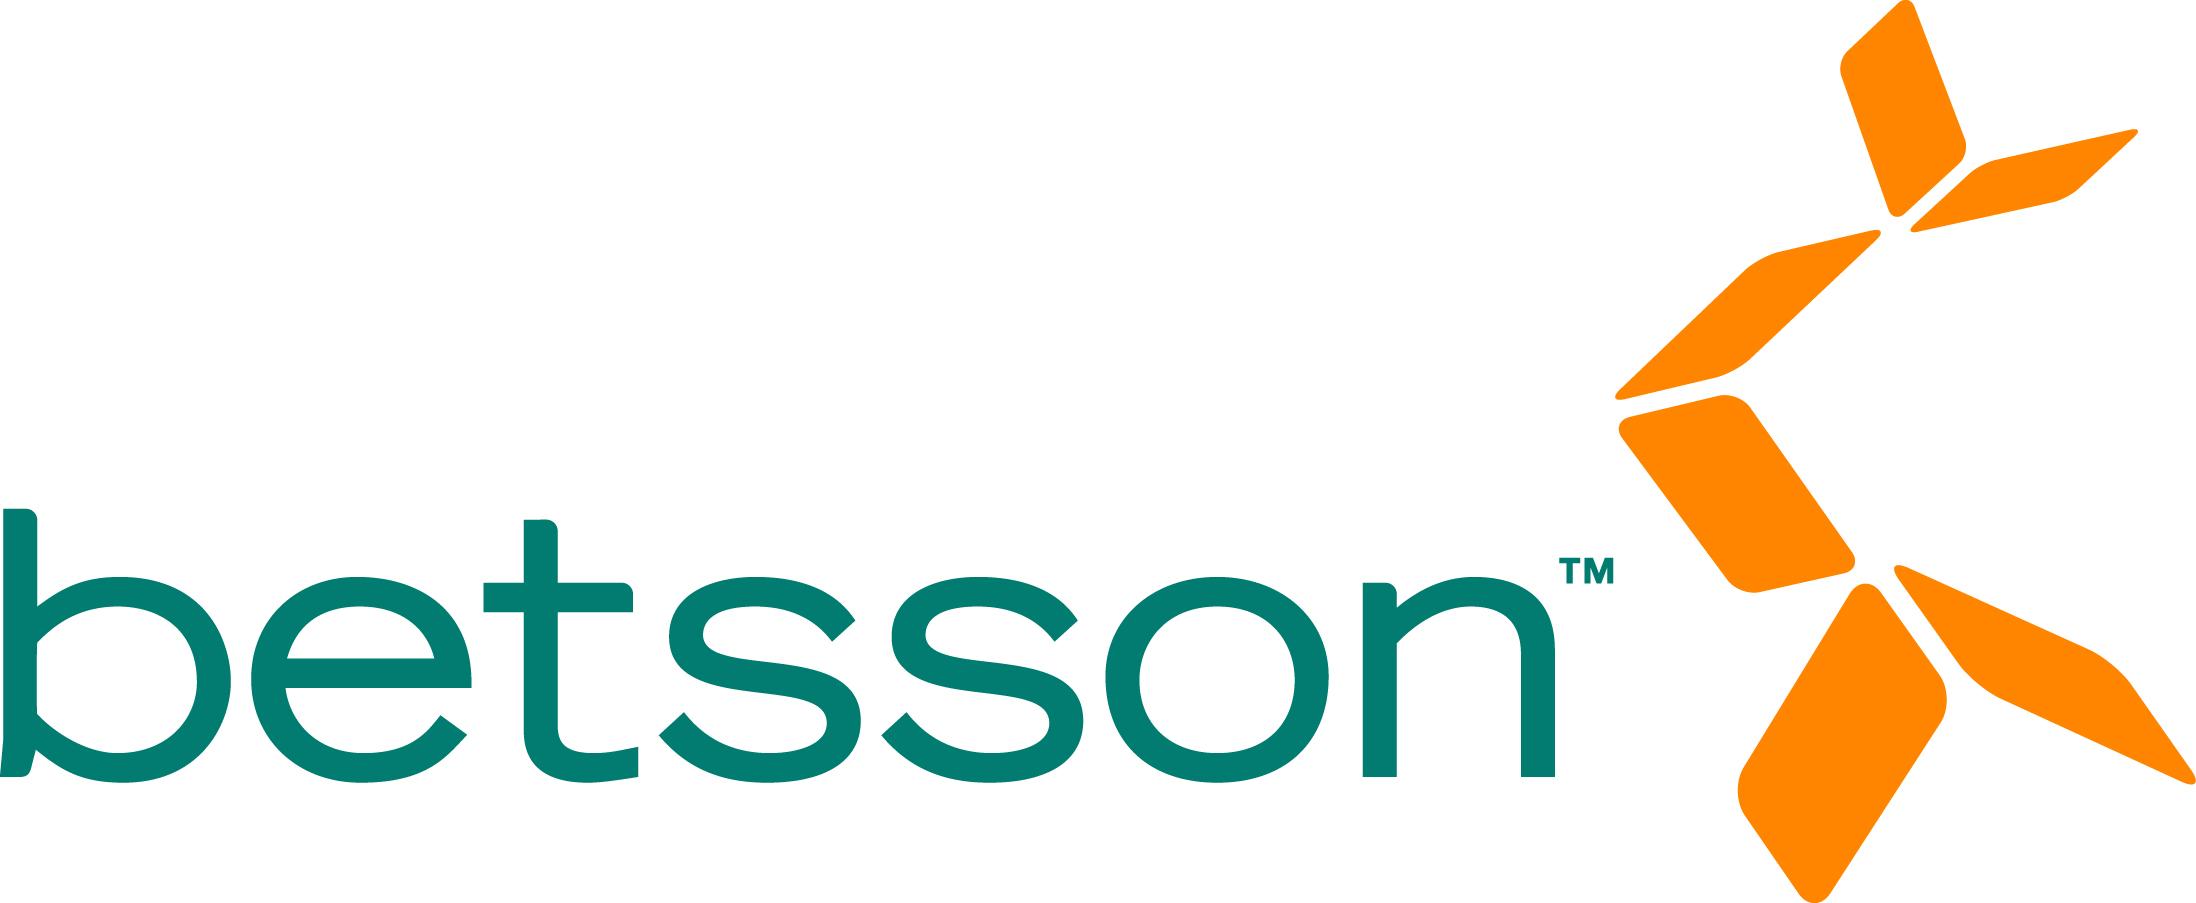 Betsson integriert Buchmacher in spanischen Markt